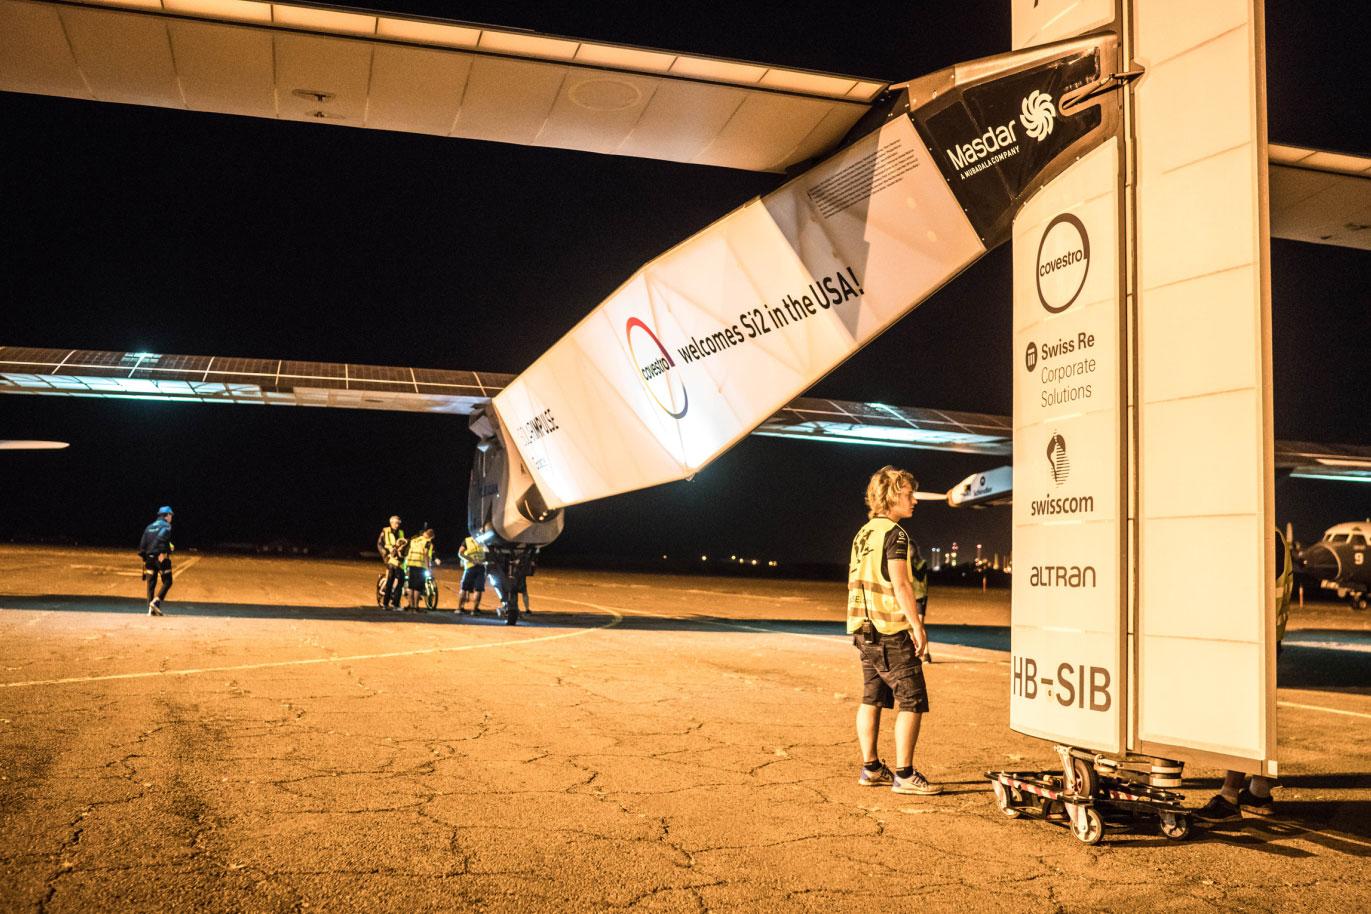 Das Solar Impulse Flugzeug wird für den Abflug von Hawaii vorbereitet, um die letzten Etappen seiner Weltumrundung anzugehen; es wird nur von Solarkraft angetrieben. Covestro ist mit innovativen Hightech-Werkstoffen an Bord. / Pressebild